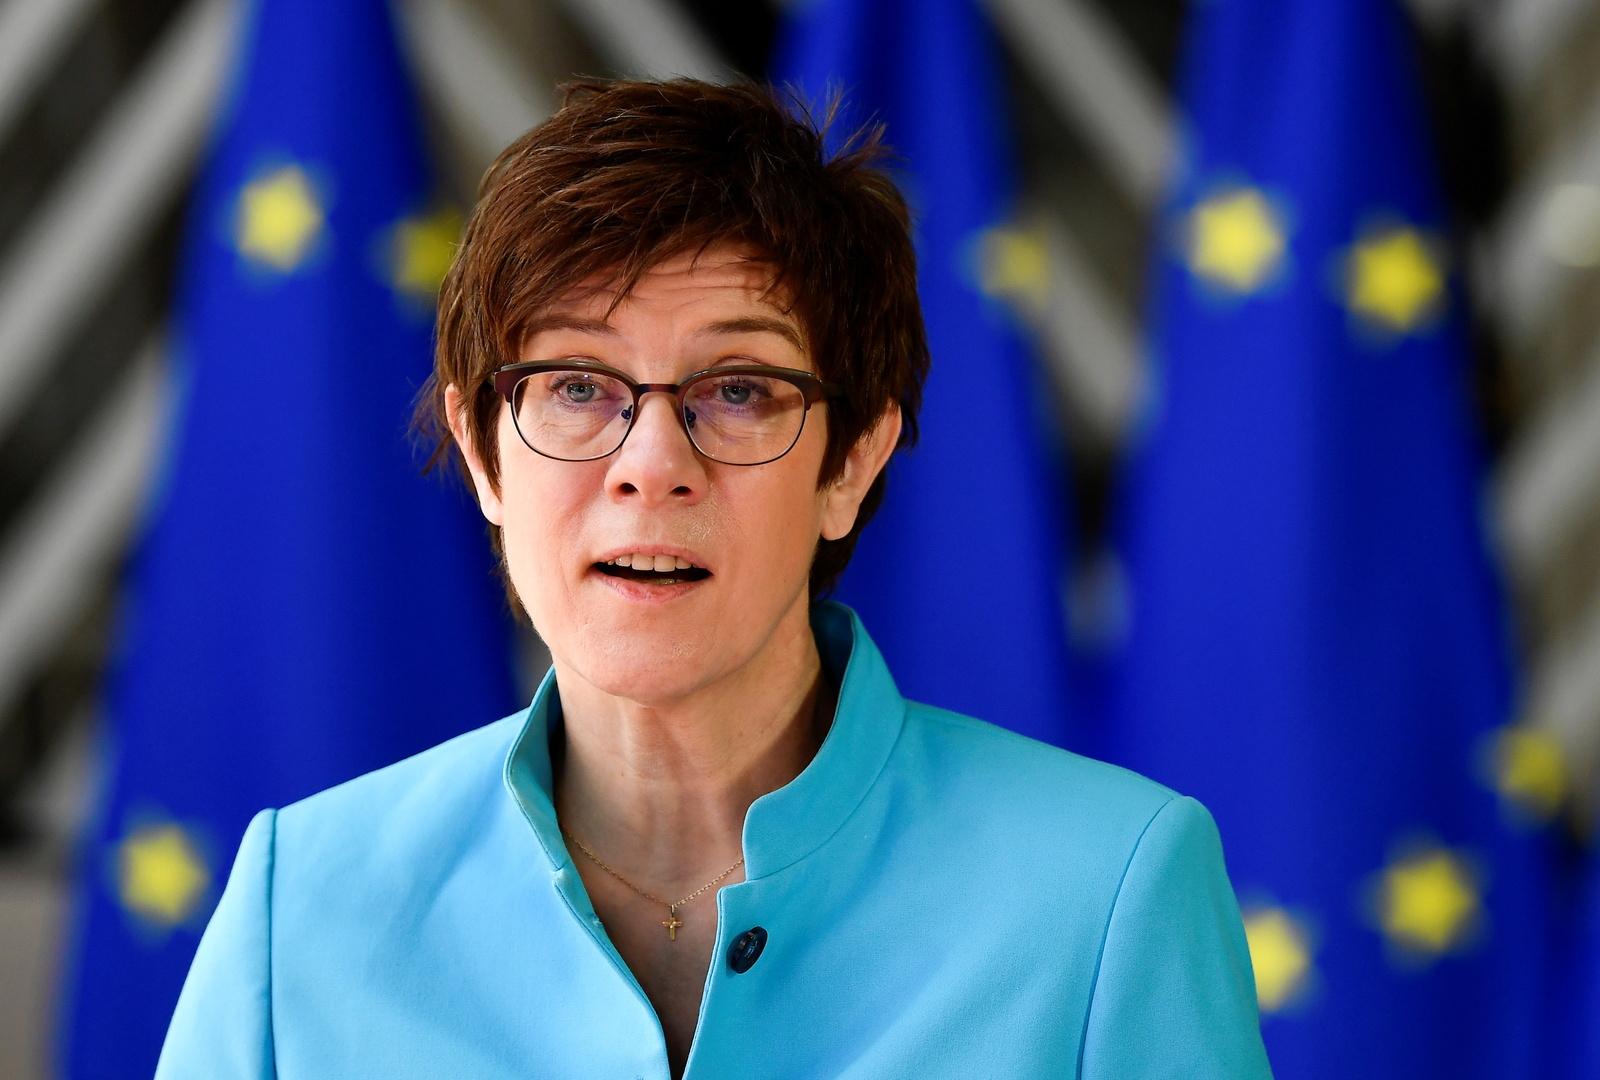 وزيرة الدفاع الألمانية: الناتو مستعد للحوار مع روسيا في أي وقت على أن يكون جديا